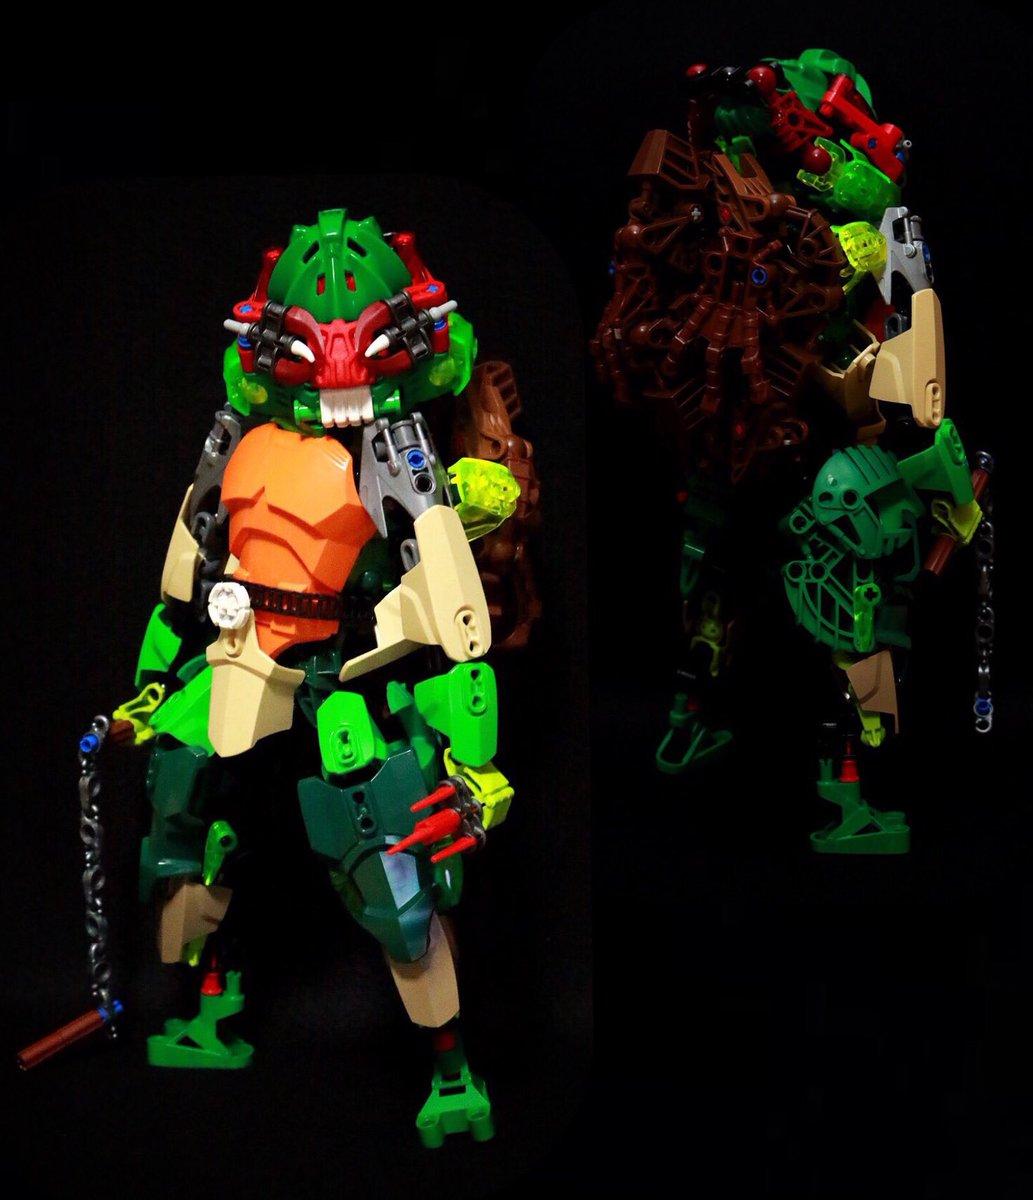 zataLEGO.TMNT RAPHAEL 作りました!#zataLEGO#TMNT #LEGO #ミュータントタートル